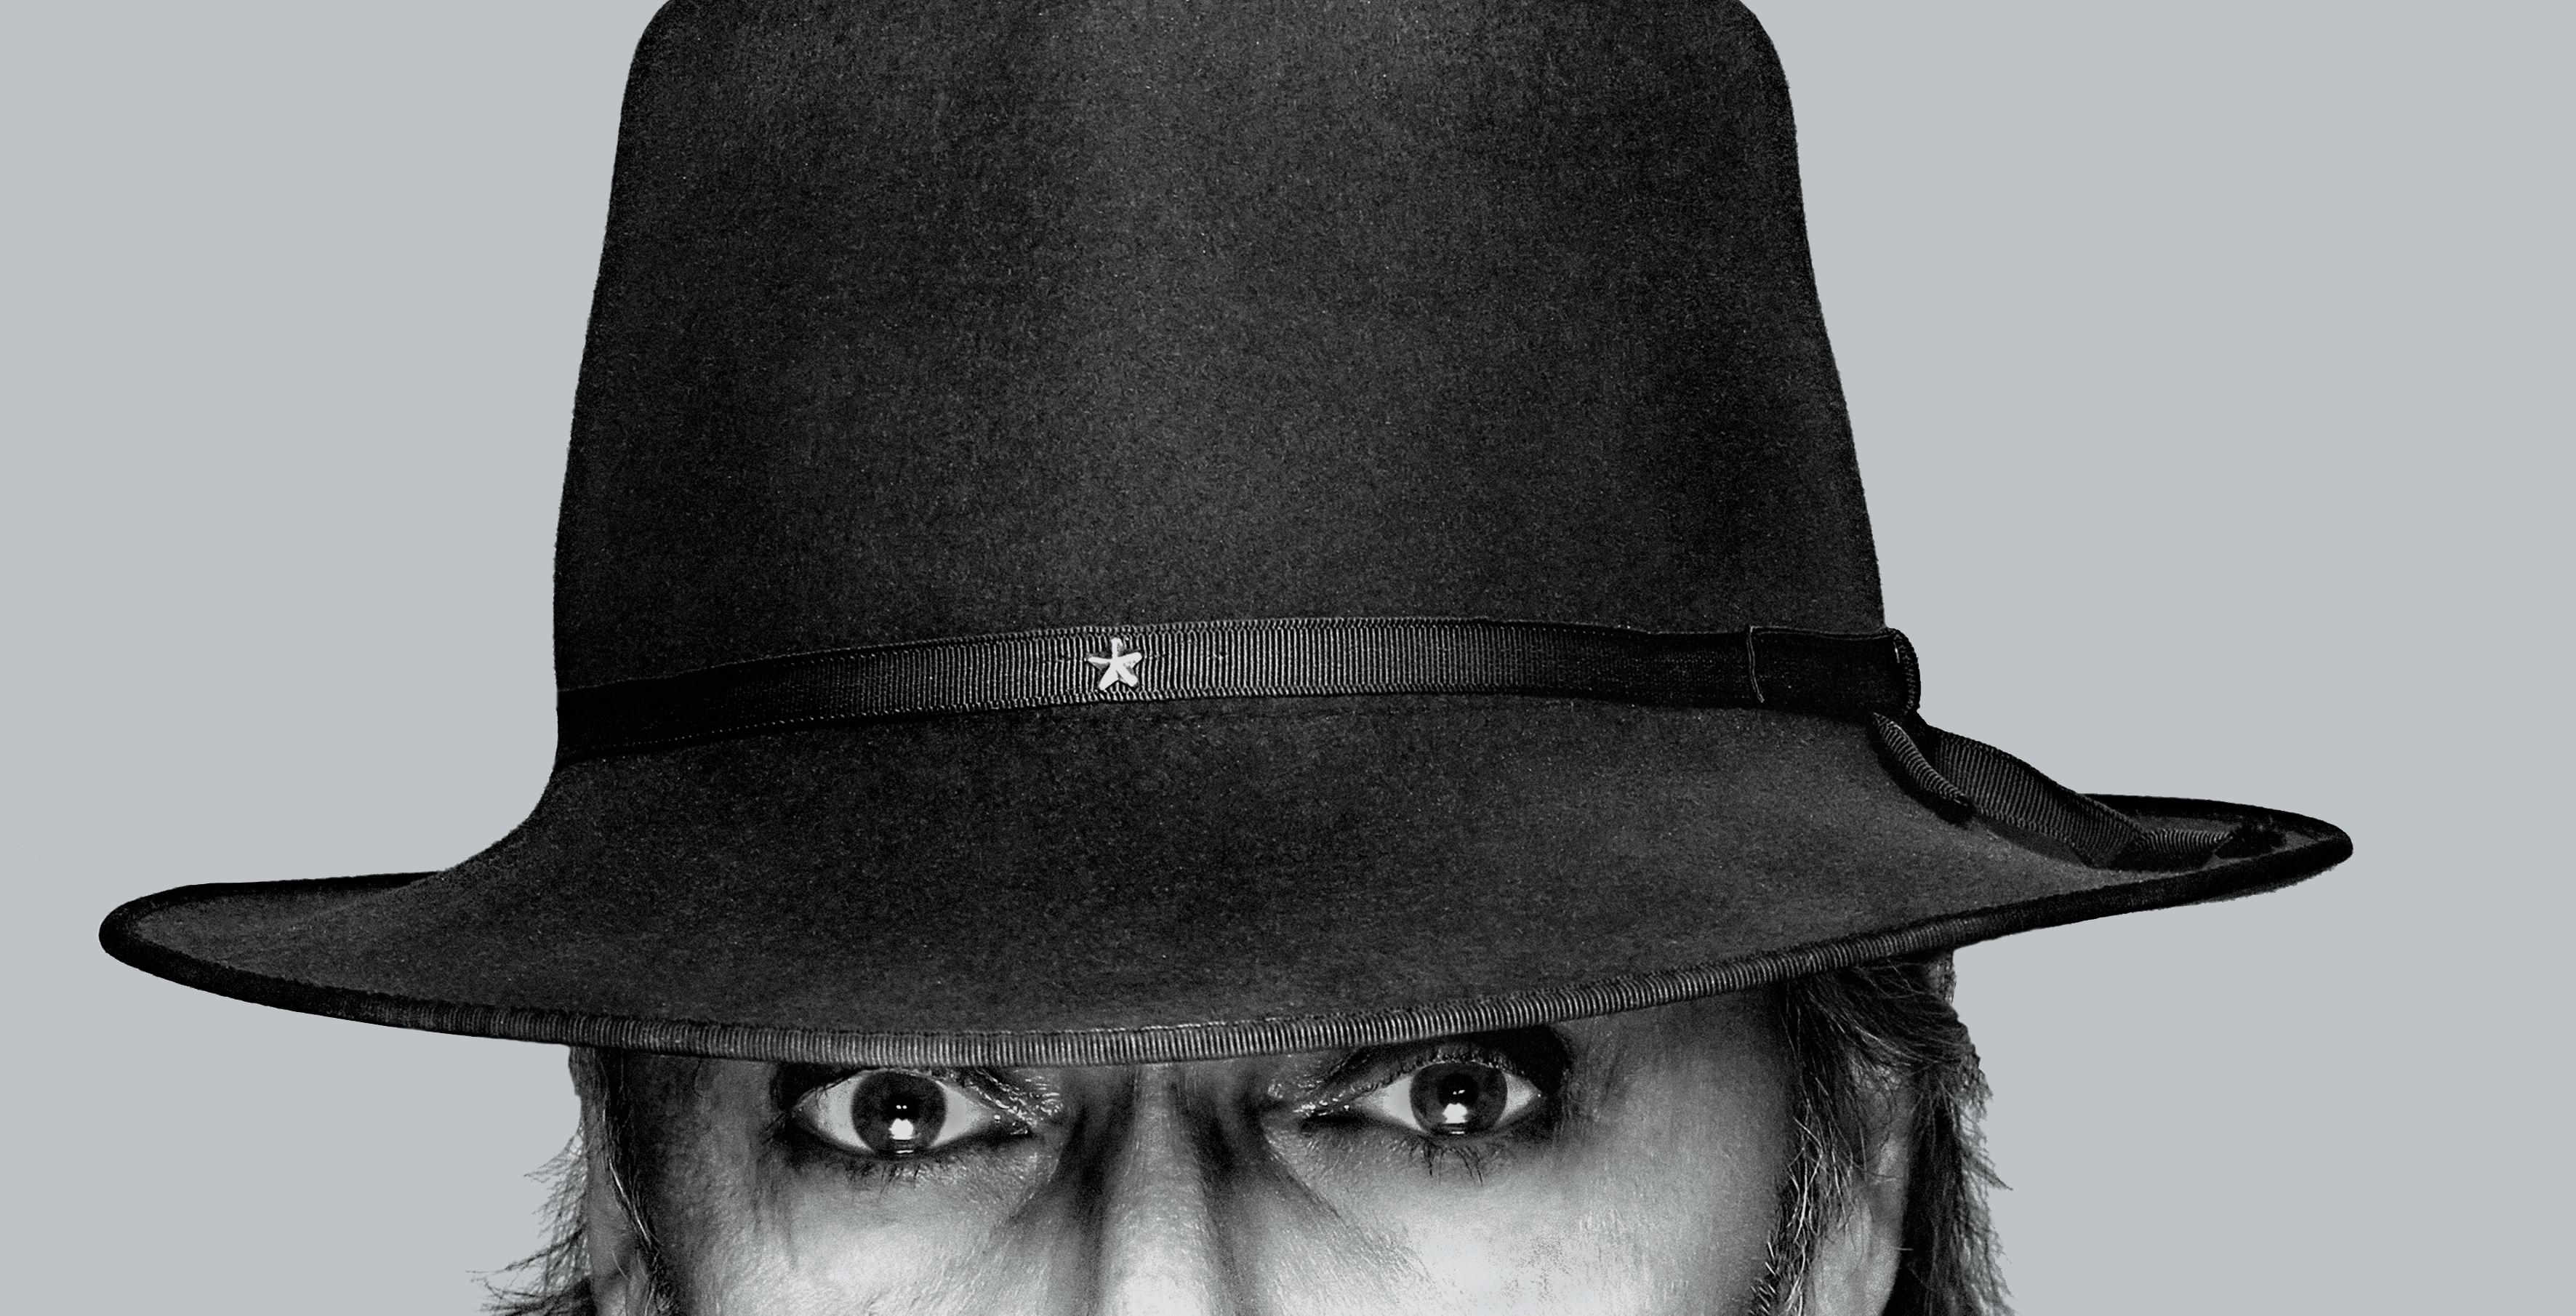 11 Udo Lindenberg Zitate, die dein Leben bereichern | Mit